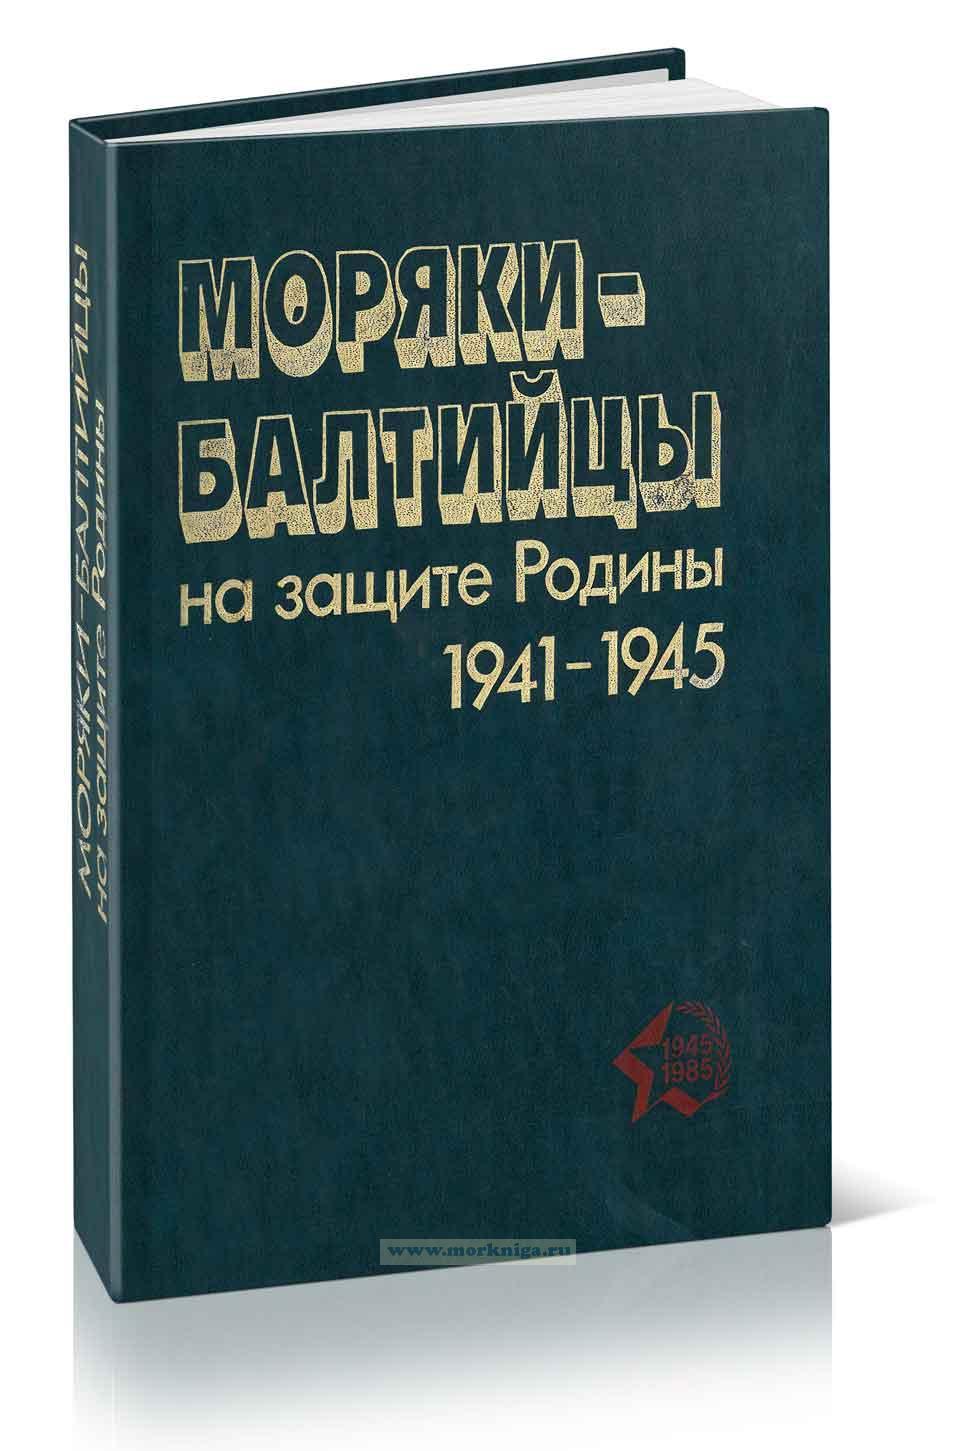 Моряки-балтийцы на защите Родины. 1941-1945. Очерки, документы, иллююстрации